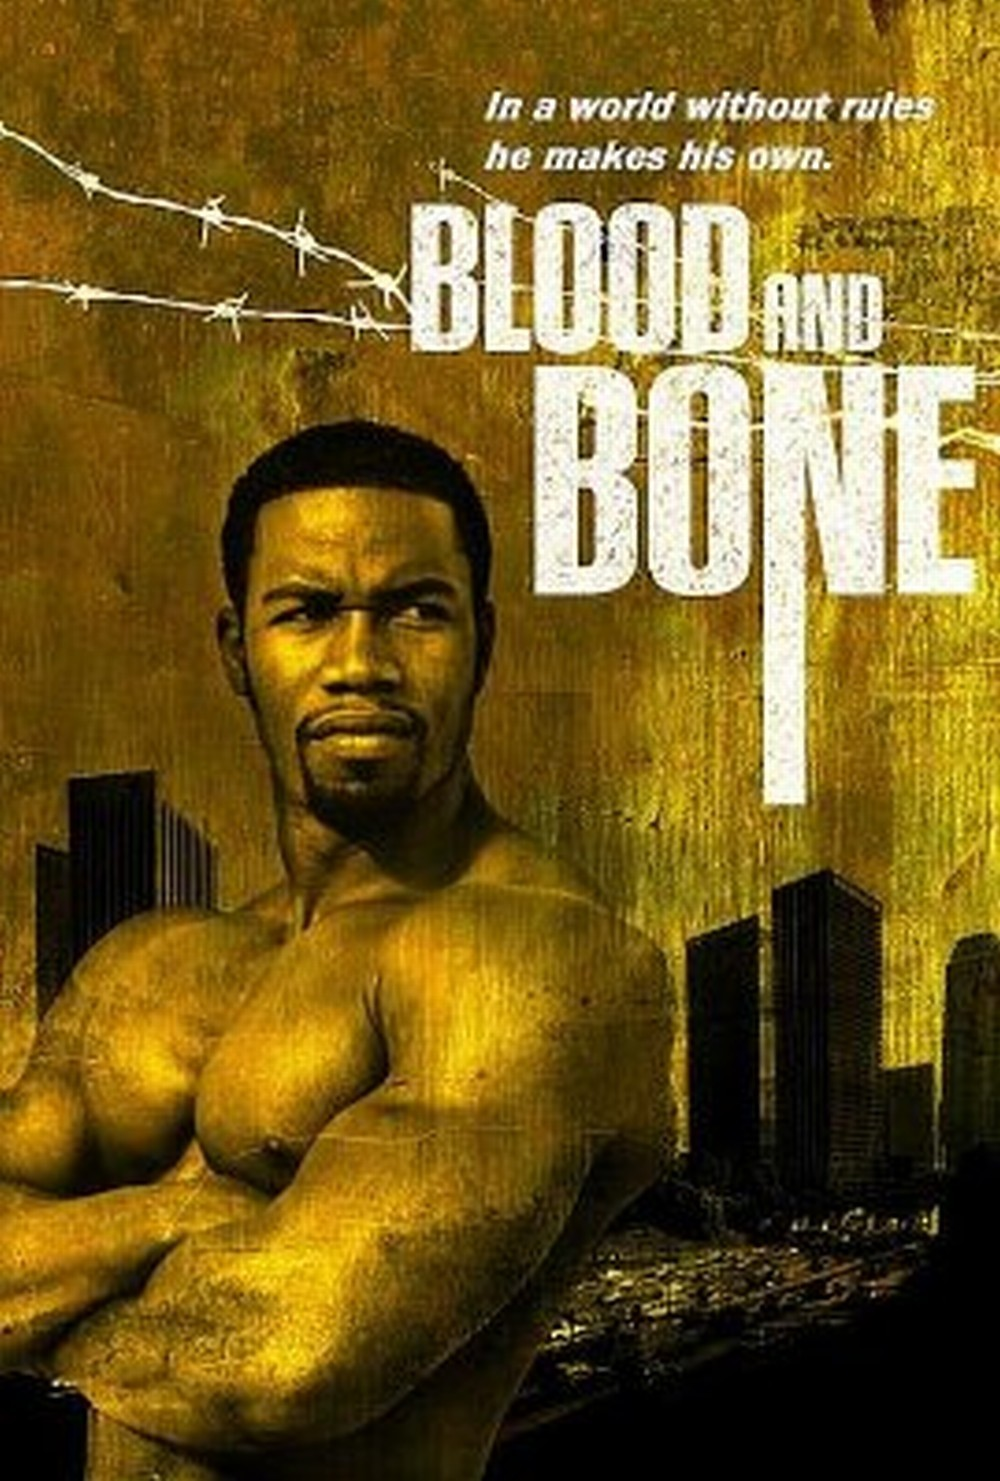 Martial Hip Hop Arts: Blood and Bone